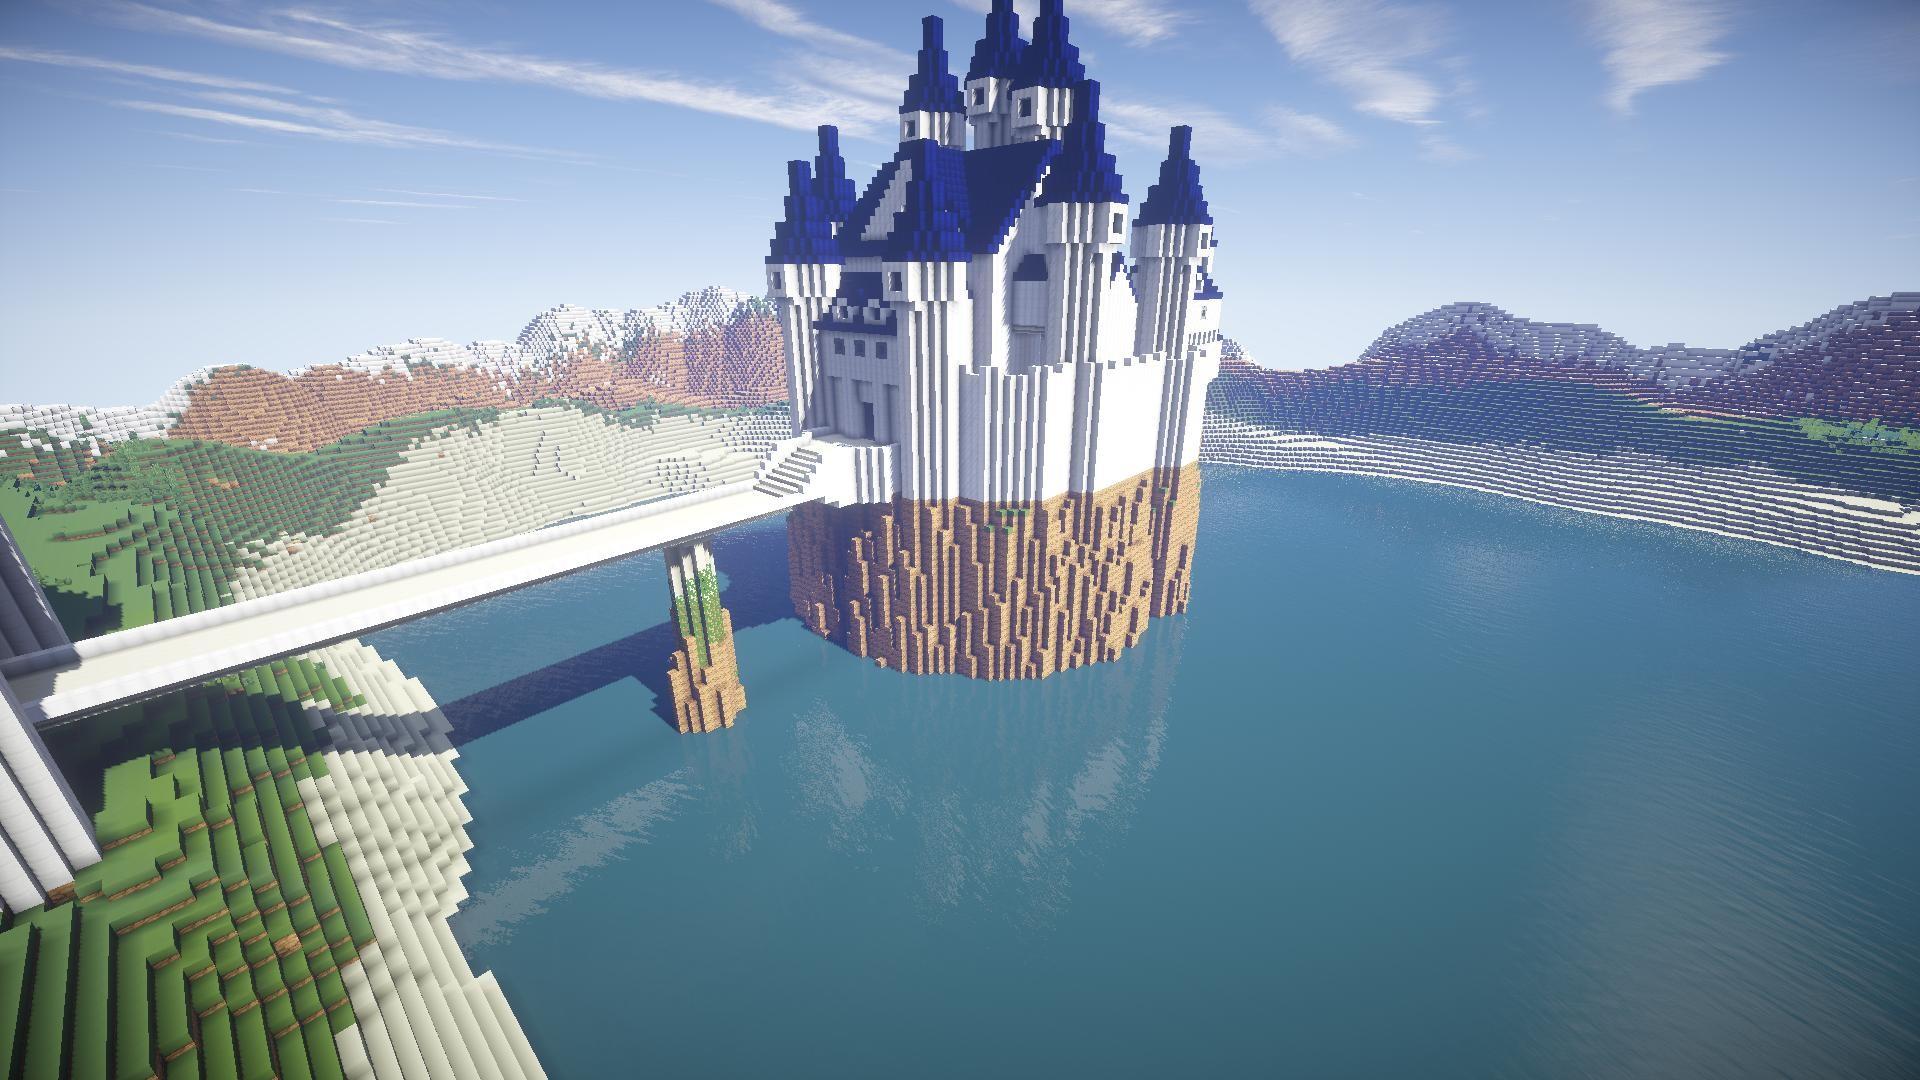 Legend of Zelda Wind Waker Hyrule Castle